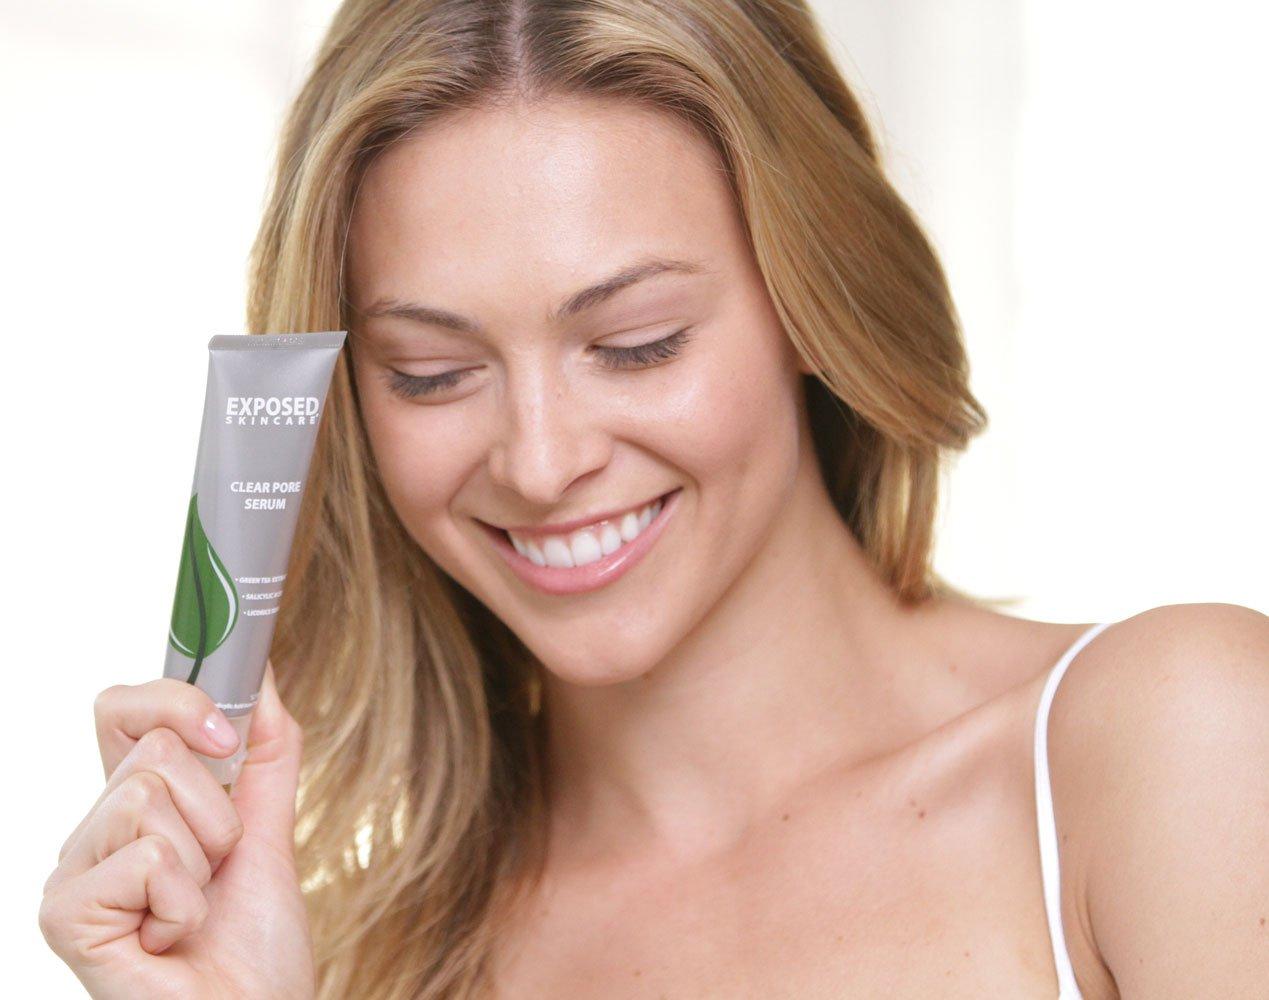 Exposed acne treatment basic kit